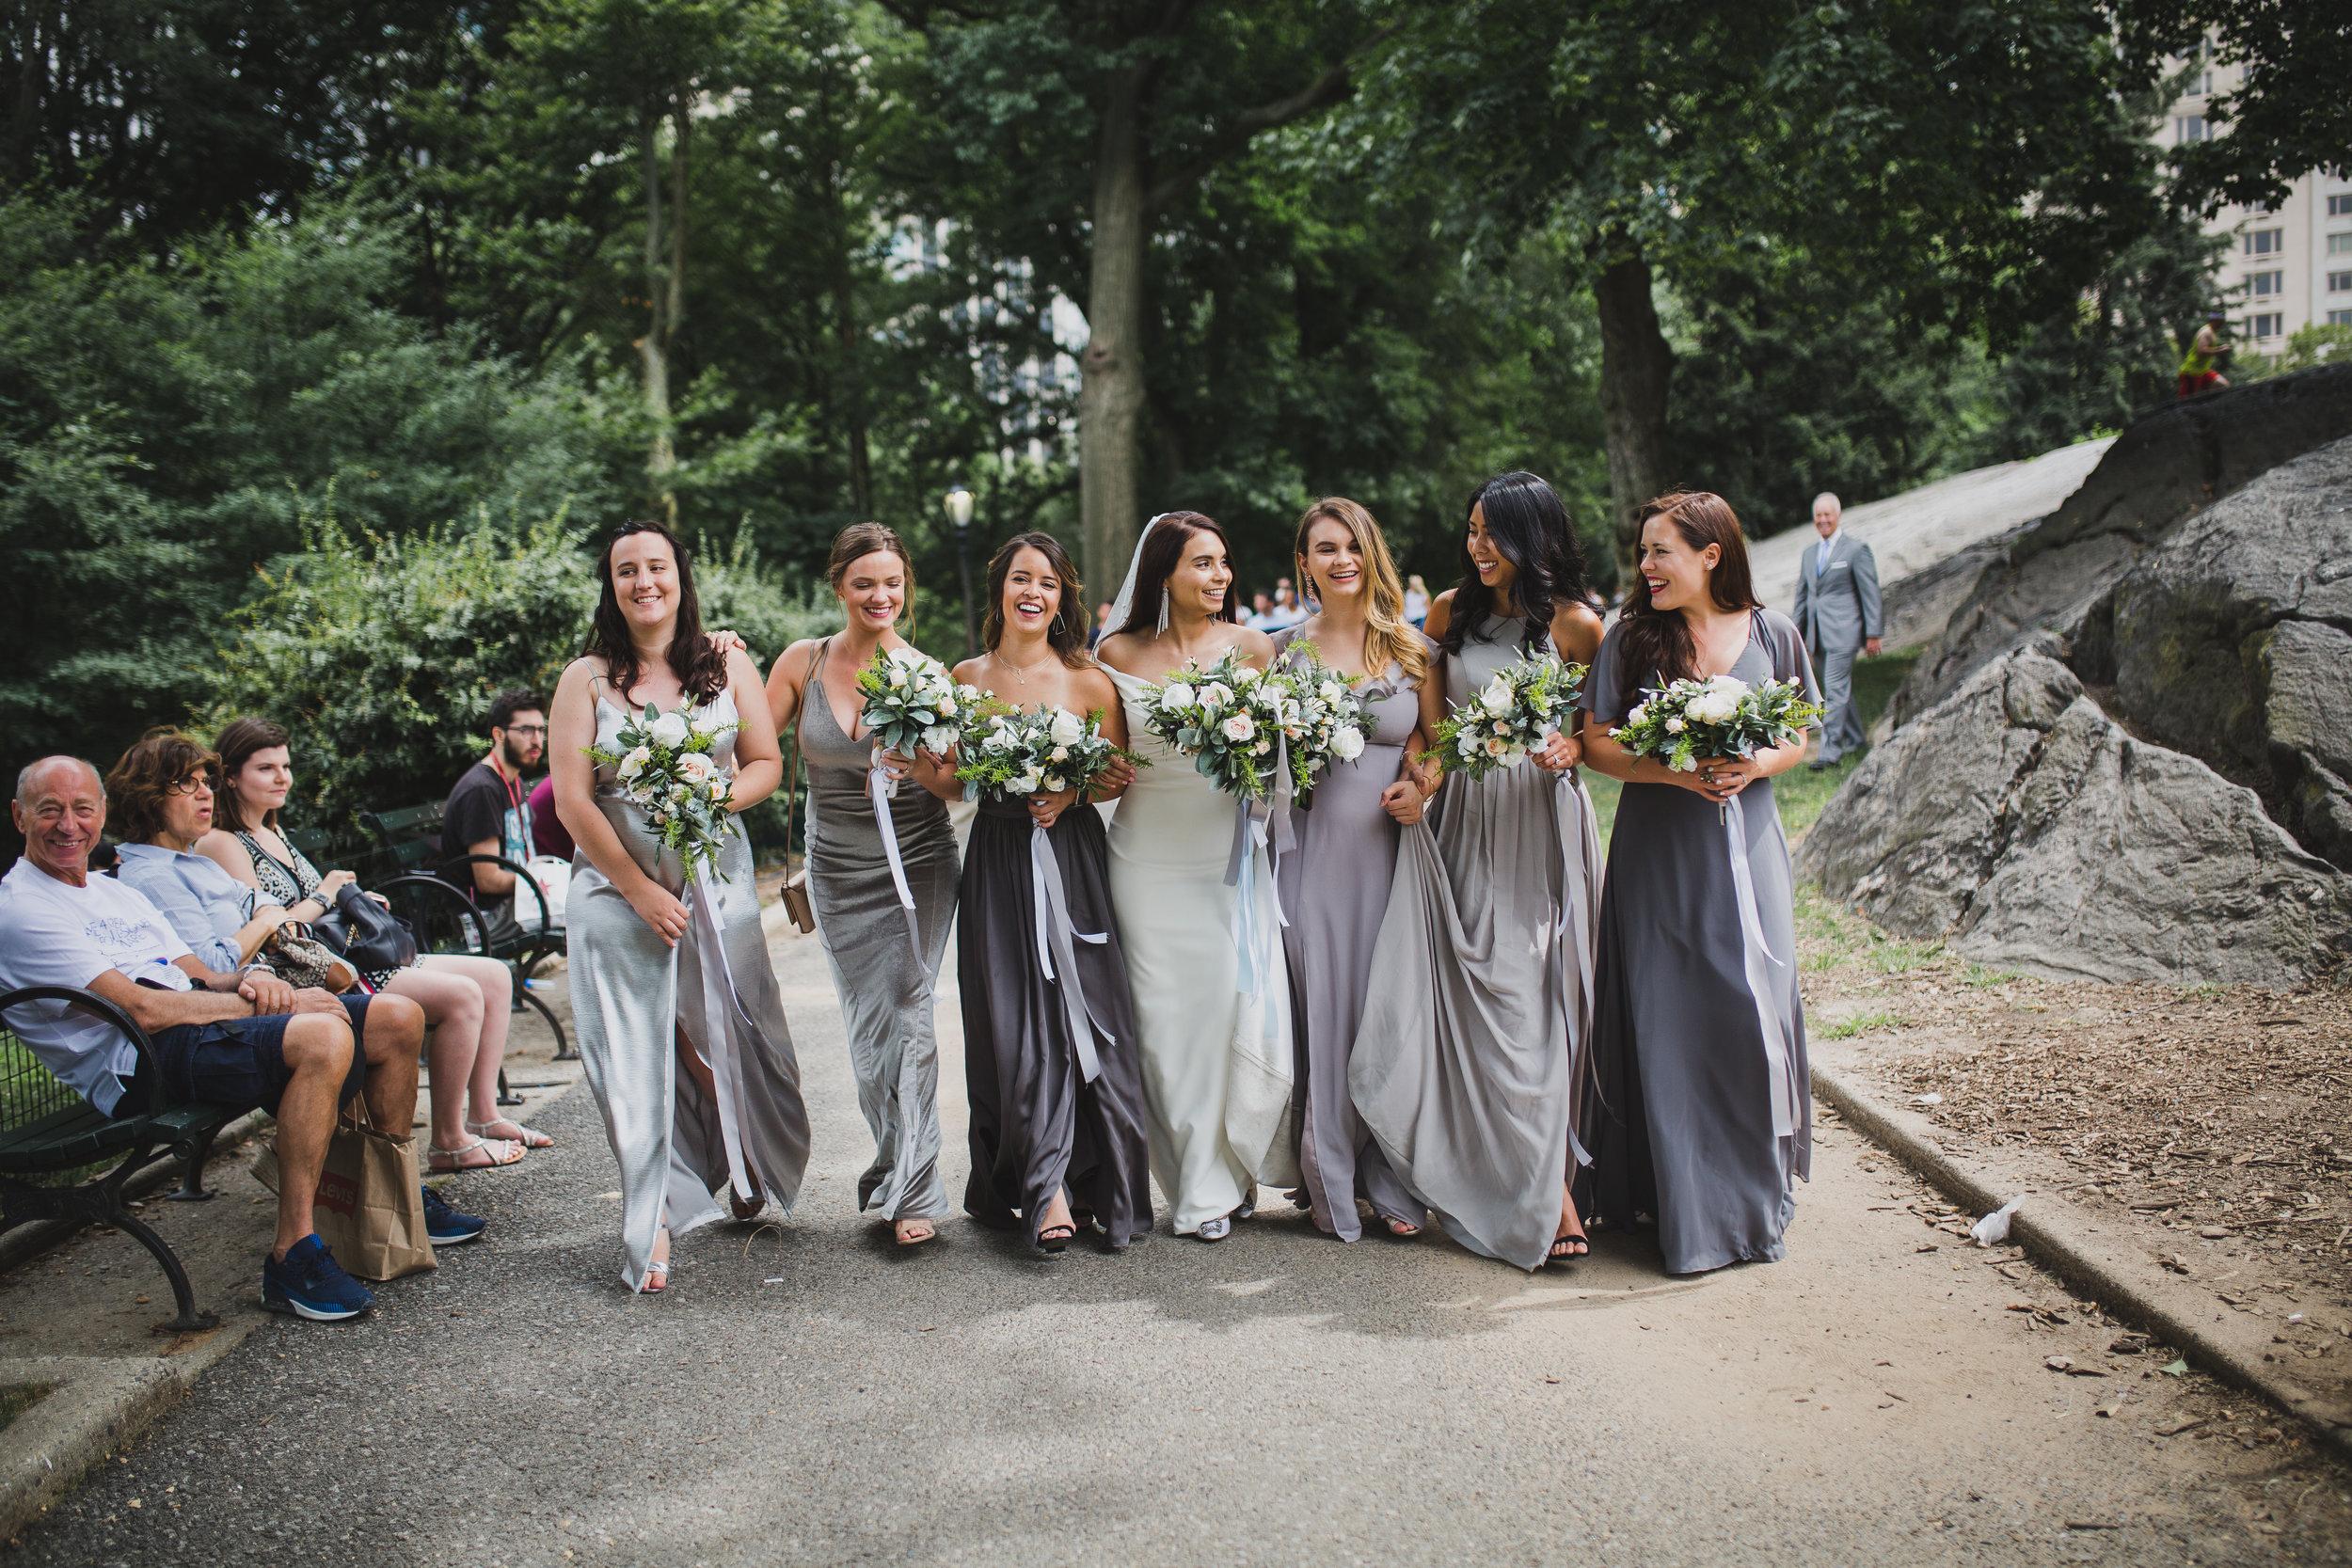 Weddings by Hanel -7.21.18 Samantha  CJ Villa Nuits Wedding-493.jpg